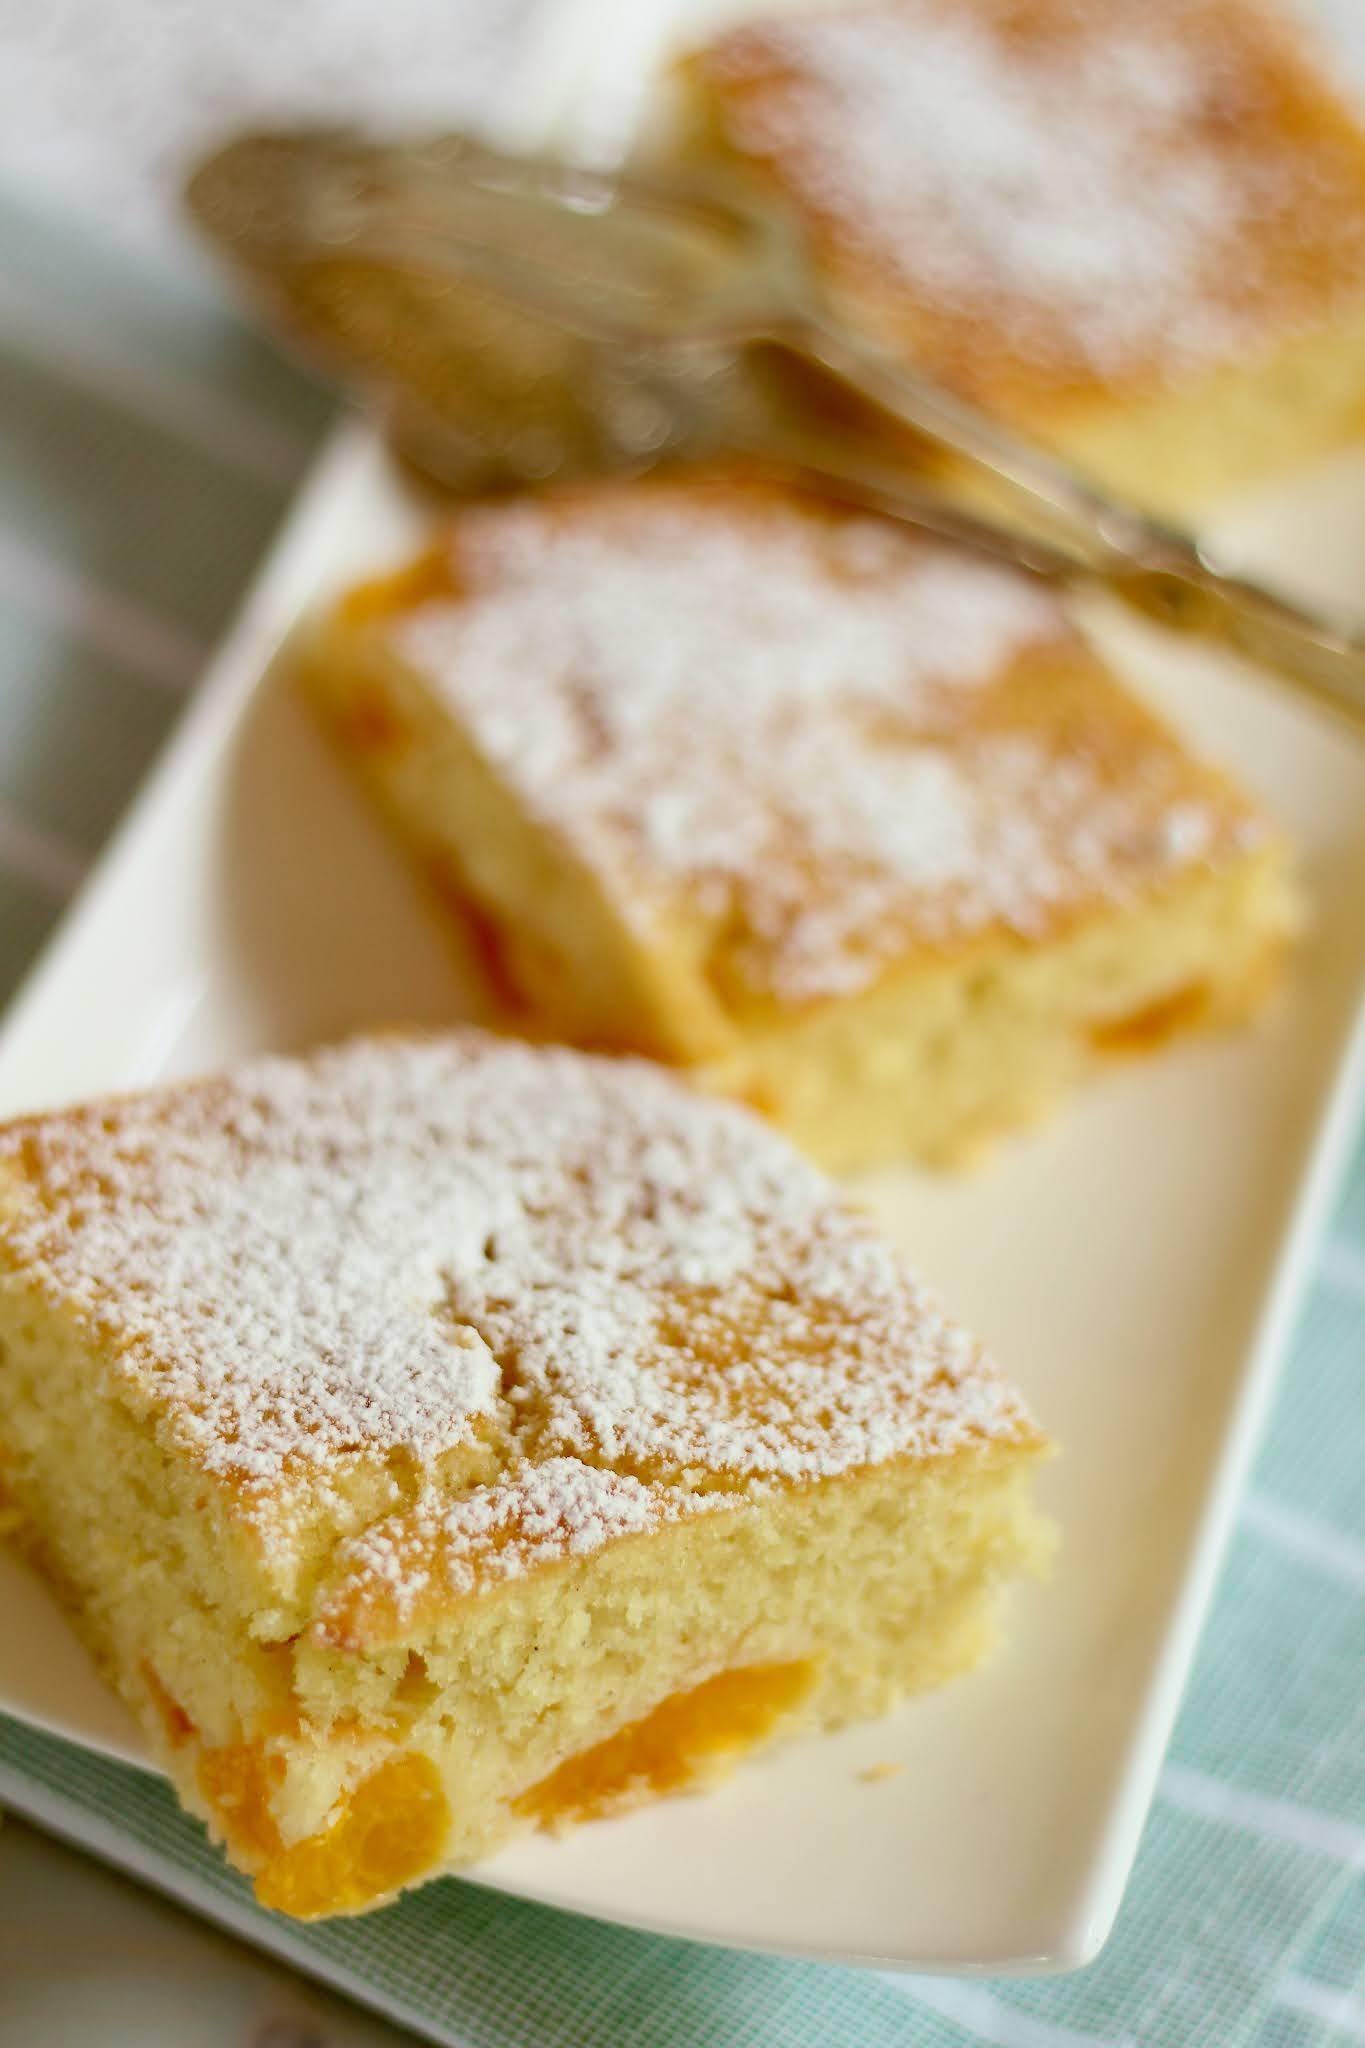 Super saftiger, einfacher Buttermilchkuchen mit Mandarinen in wenigen Minuten fertig! | Rezept und Video von Sugarprincess